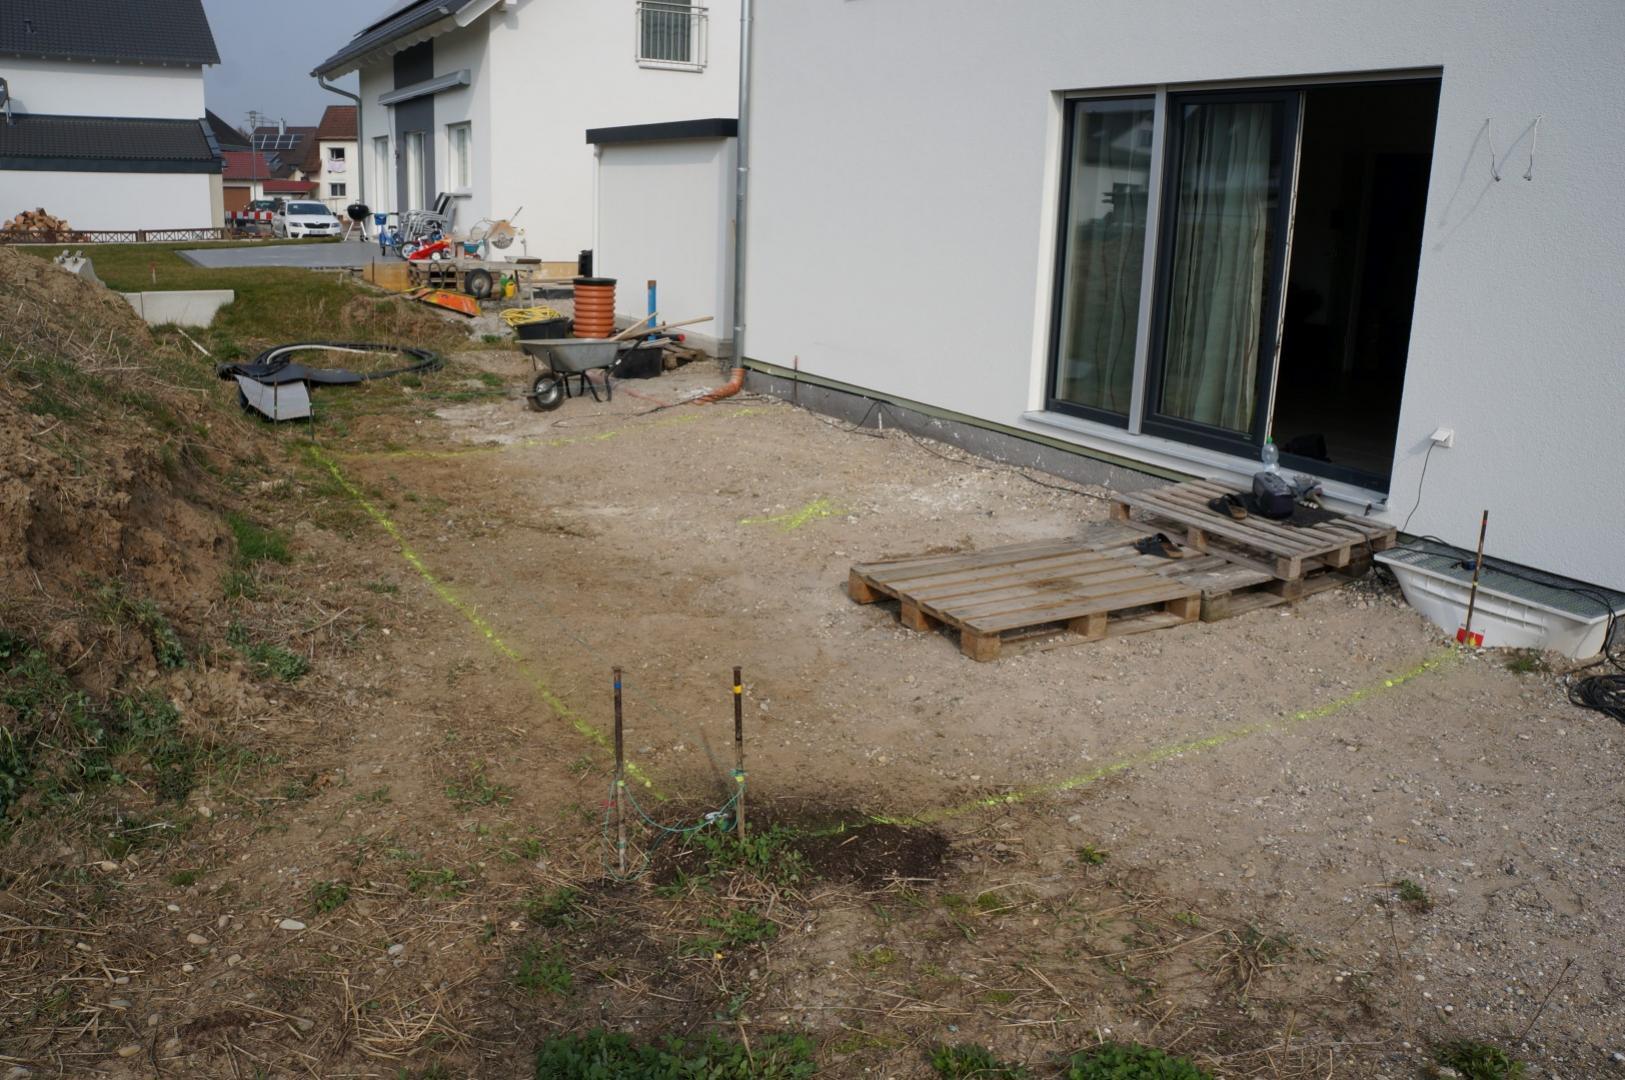 gallery » 51 - 23.03.2015 - beginn terrassenaufbau